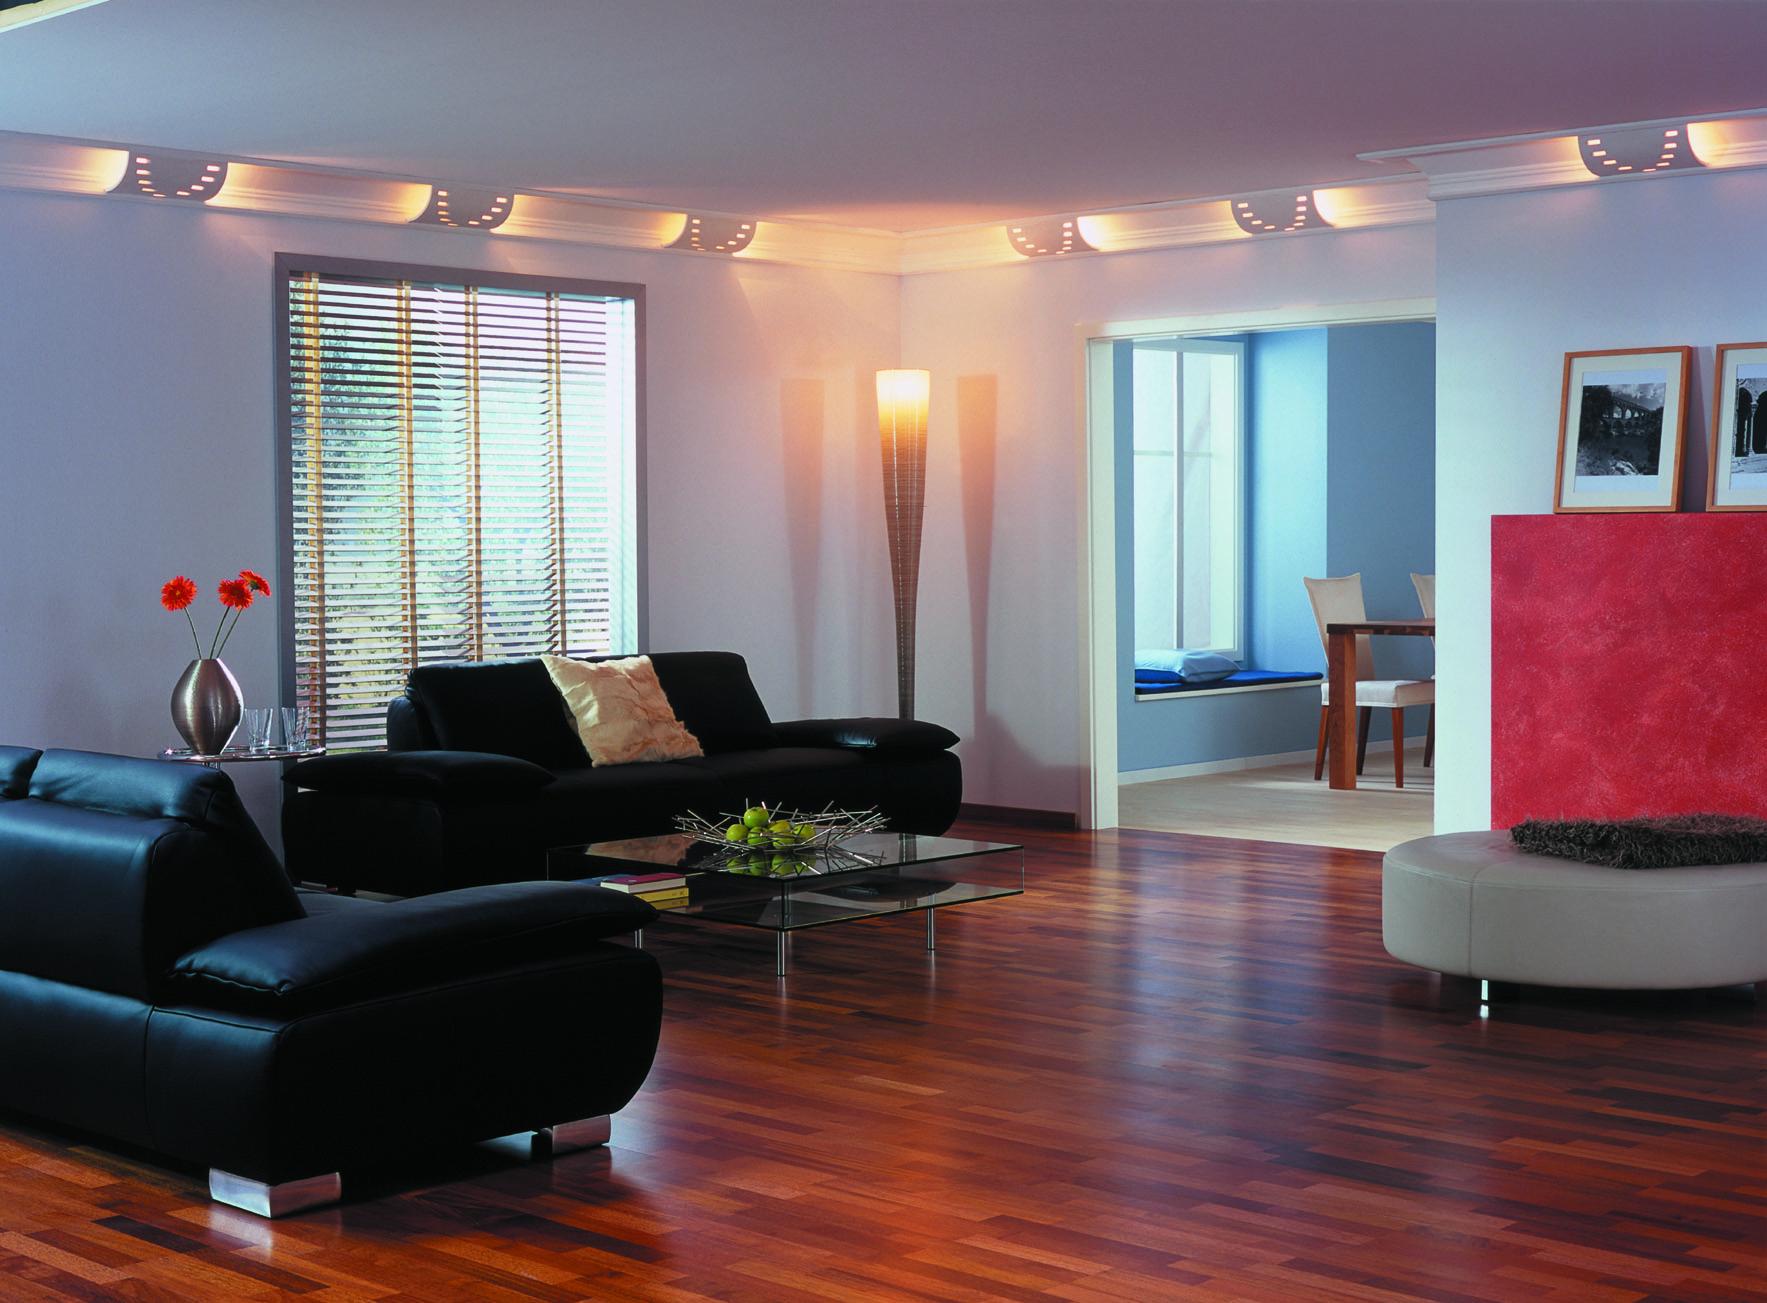 Глянцевые натяжные потолки: изысканный стиль или пережиток лихих девяностых?